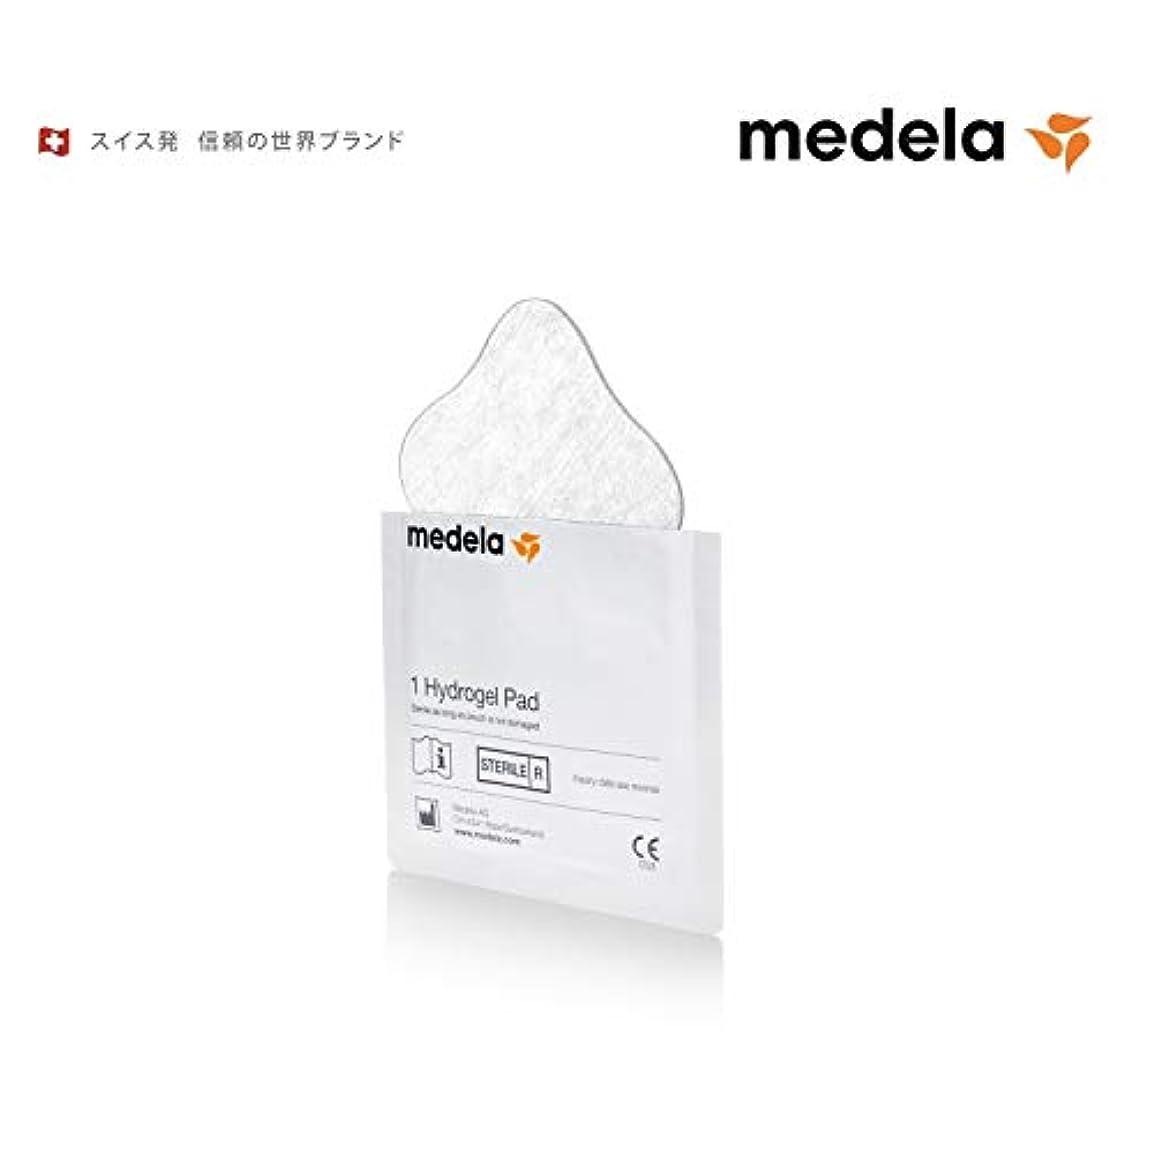 サークル良性雑種Medela メデラ ハイドロジェルパッド 4枚入り 乳頭の痛みの緩和に (008.0164)